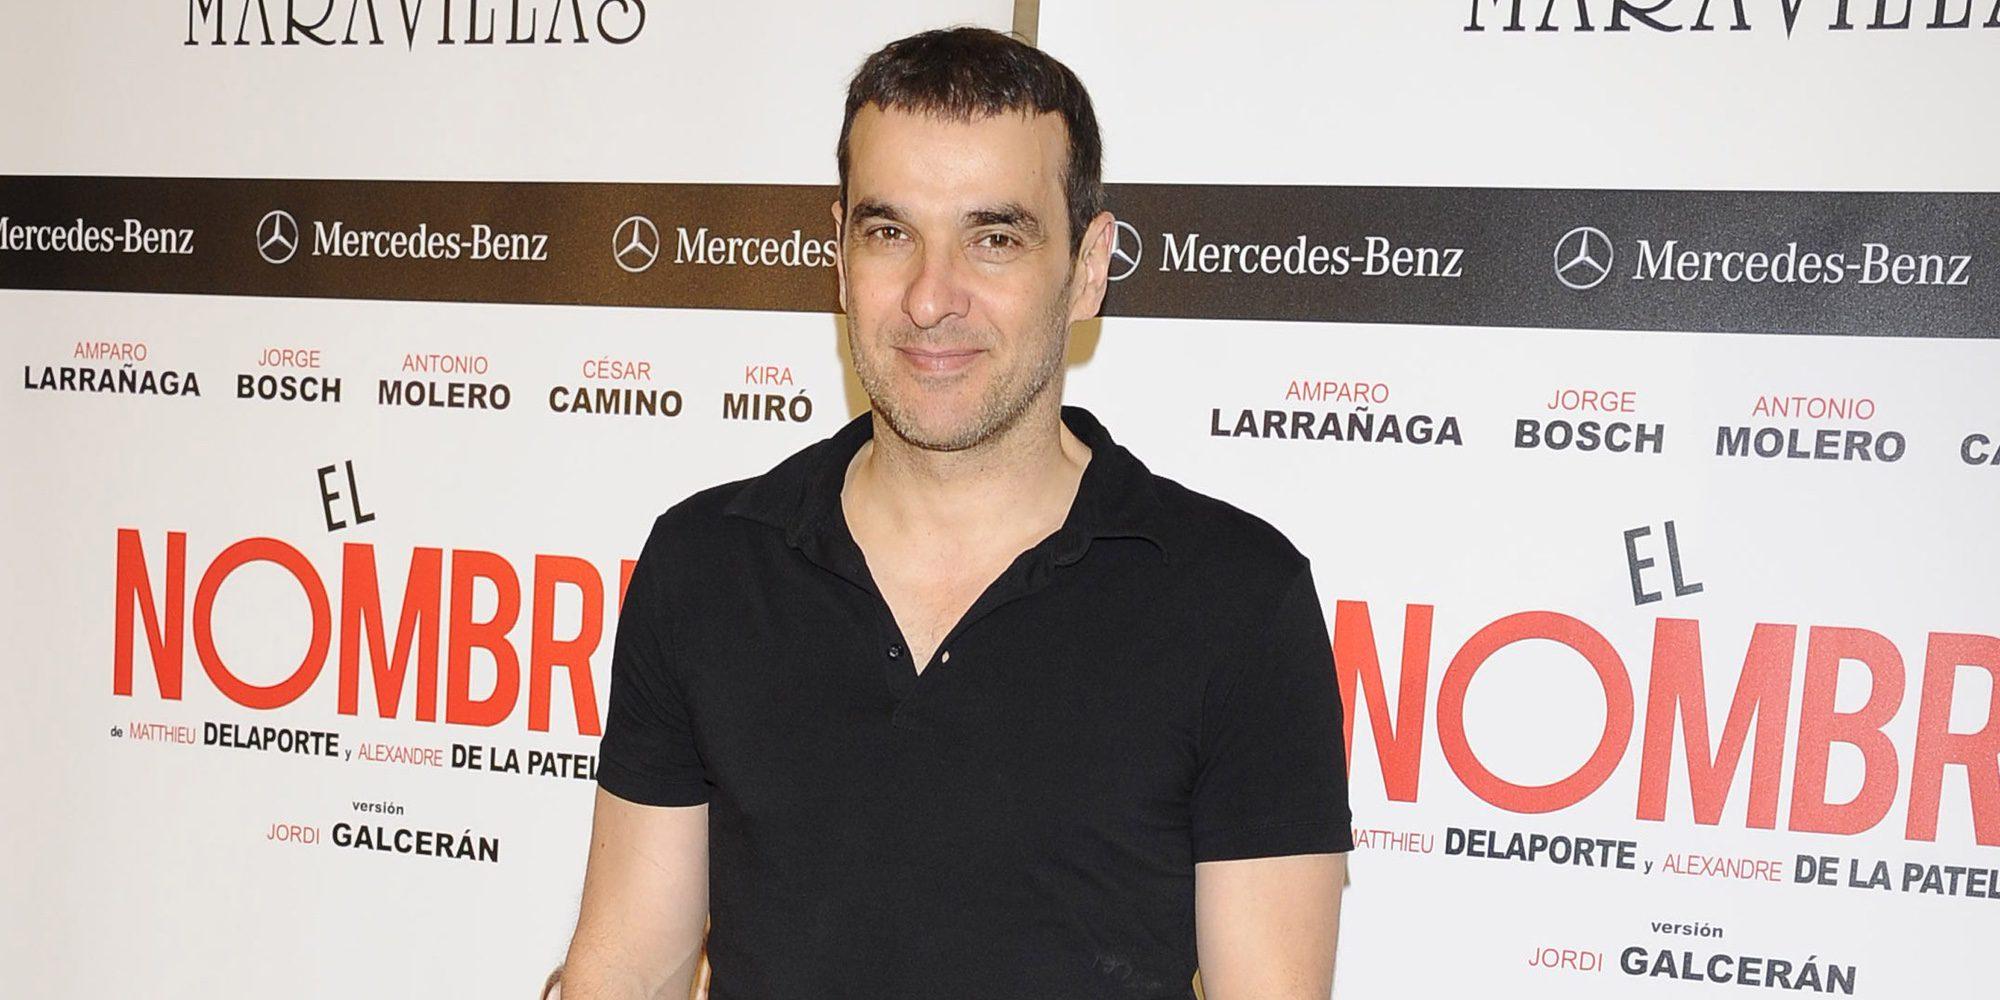 Luis Merlo no deja de publicar mensajes nostálgicos y enigmáticos